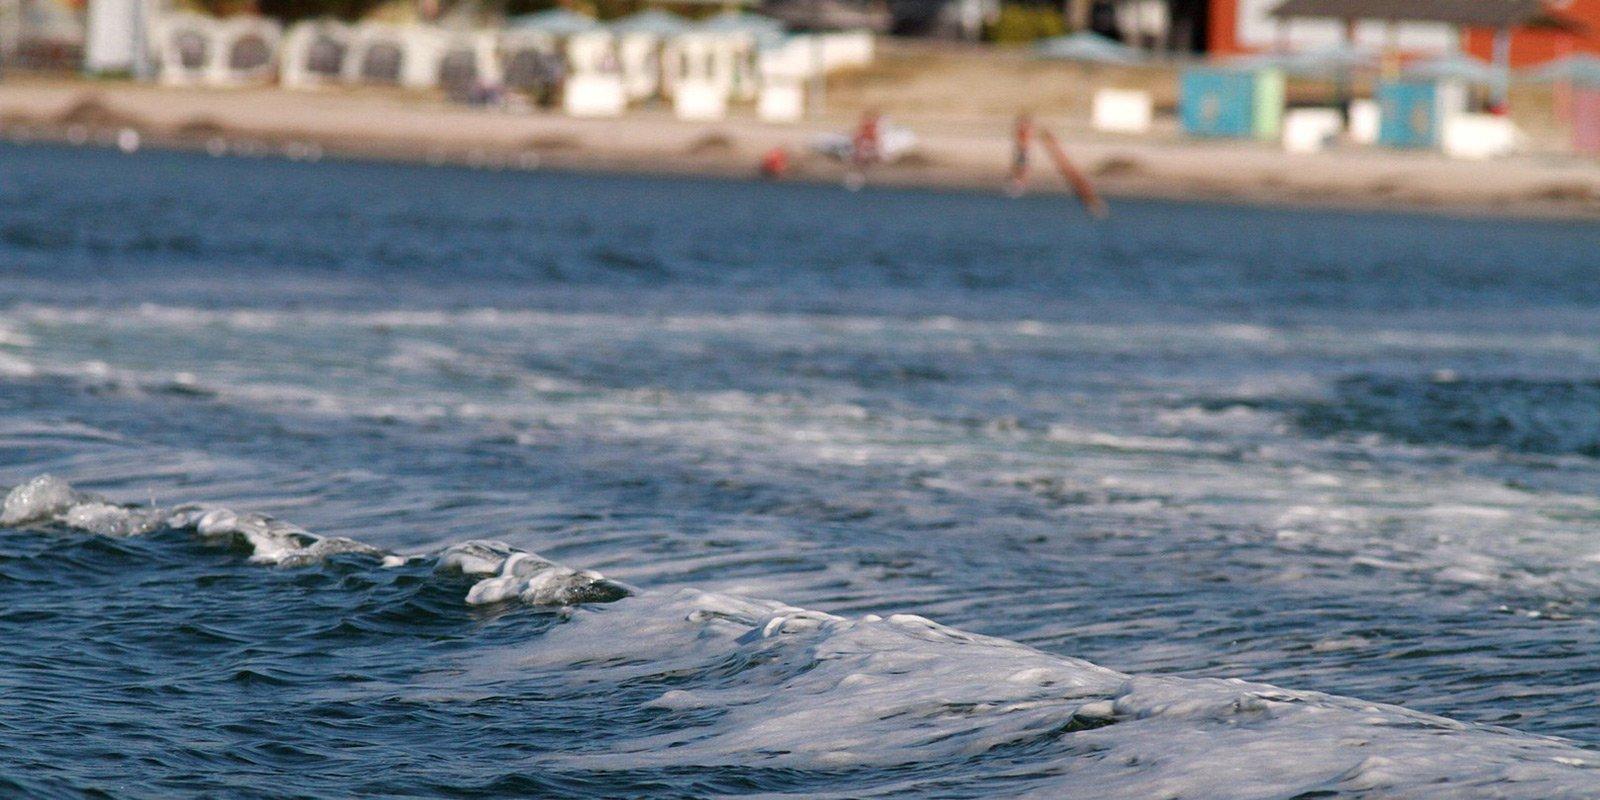 Місце, де відчуття влади моря над людиною проявляється особливо гостро, де цивілізація ще довго                 буде зайвою на цій відвойованій у моря обпеченій сонцем ділянці суші.